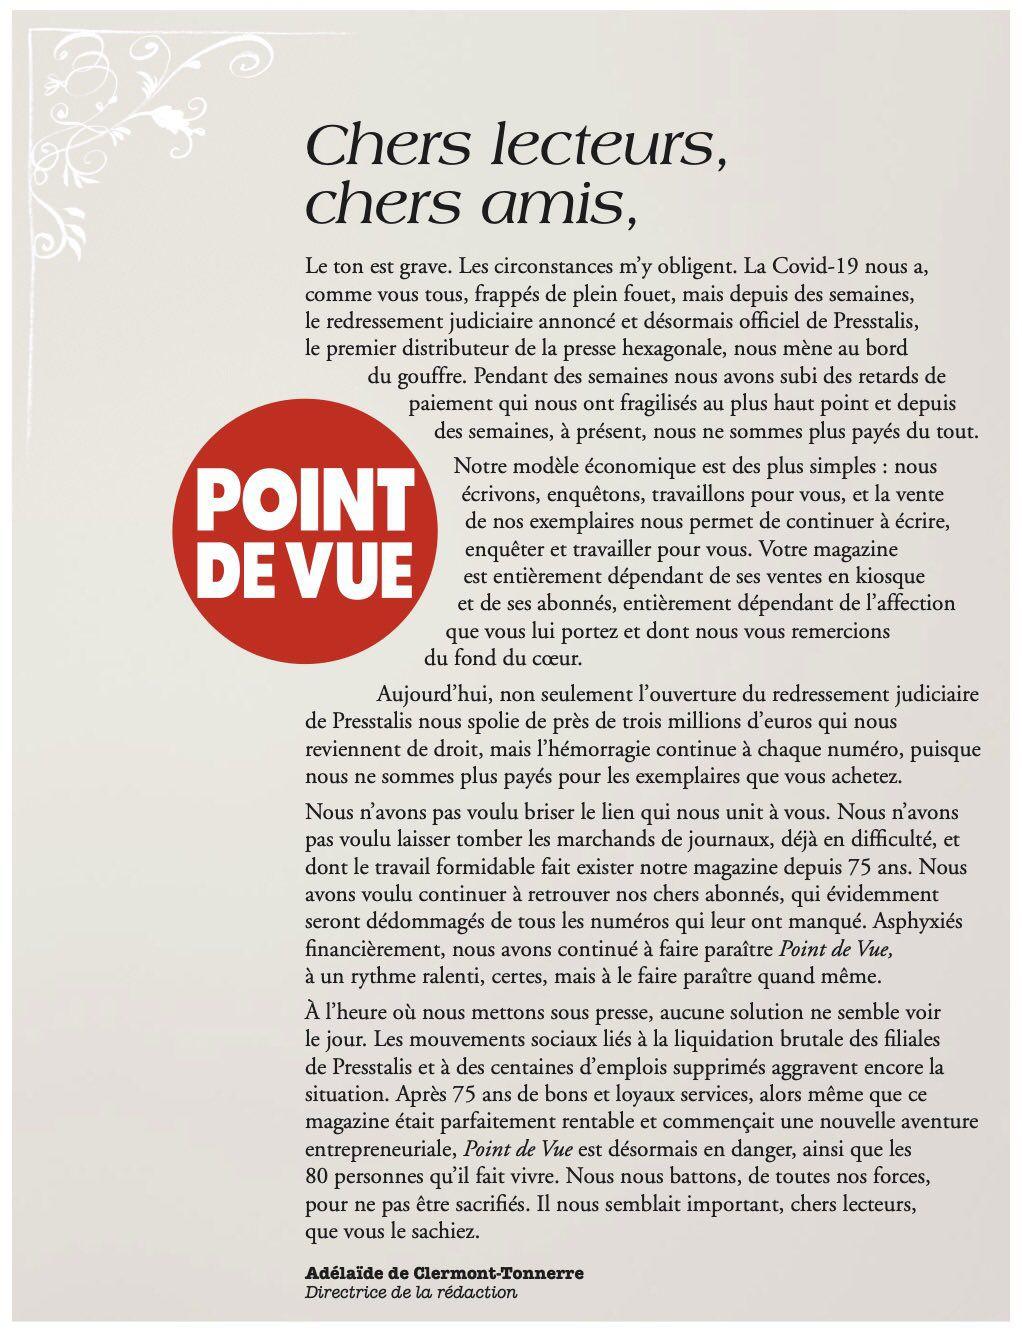 Le magazine Point de Vue lance un SOS.